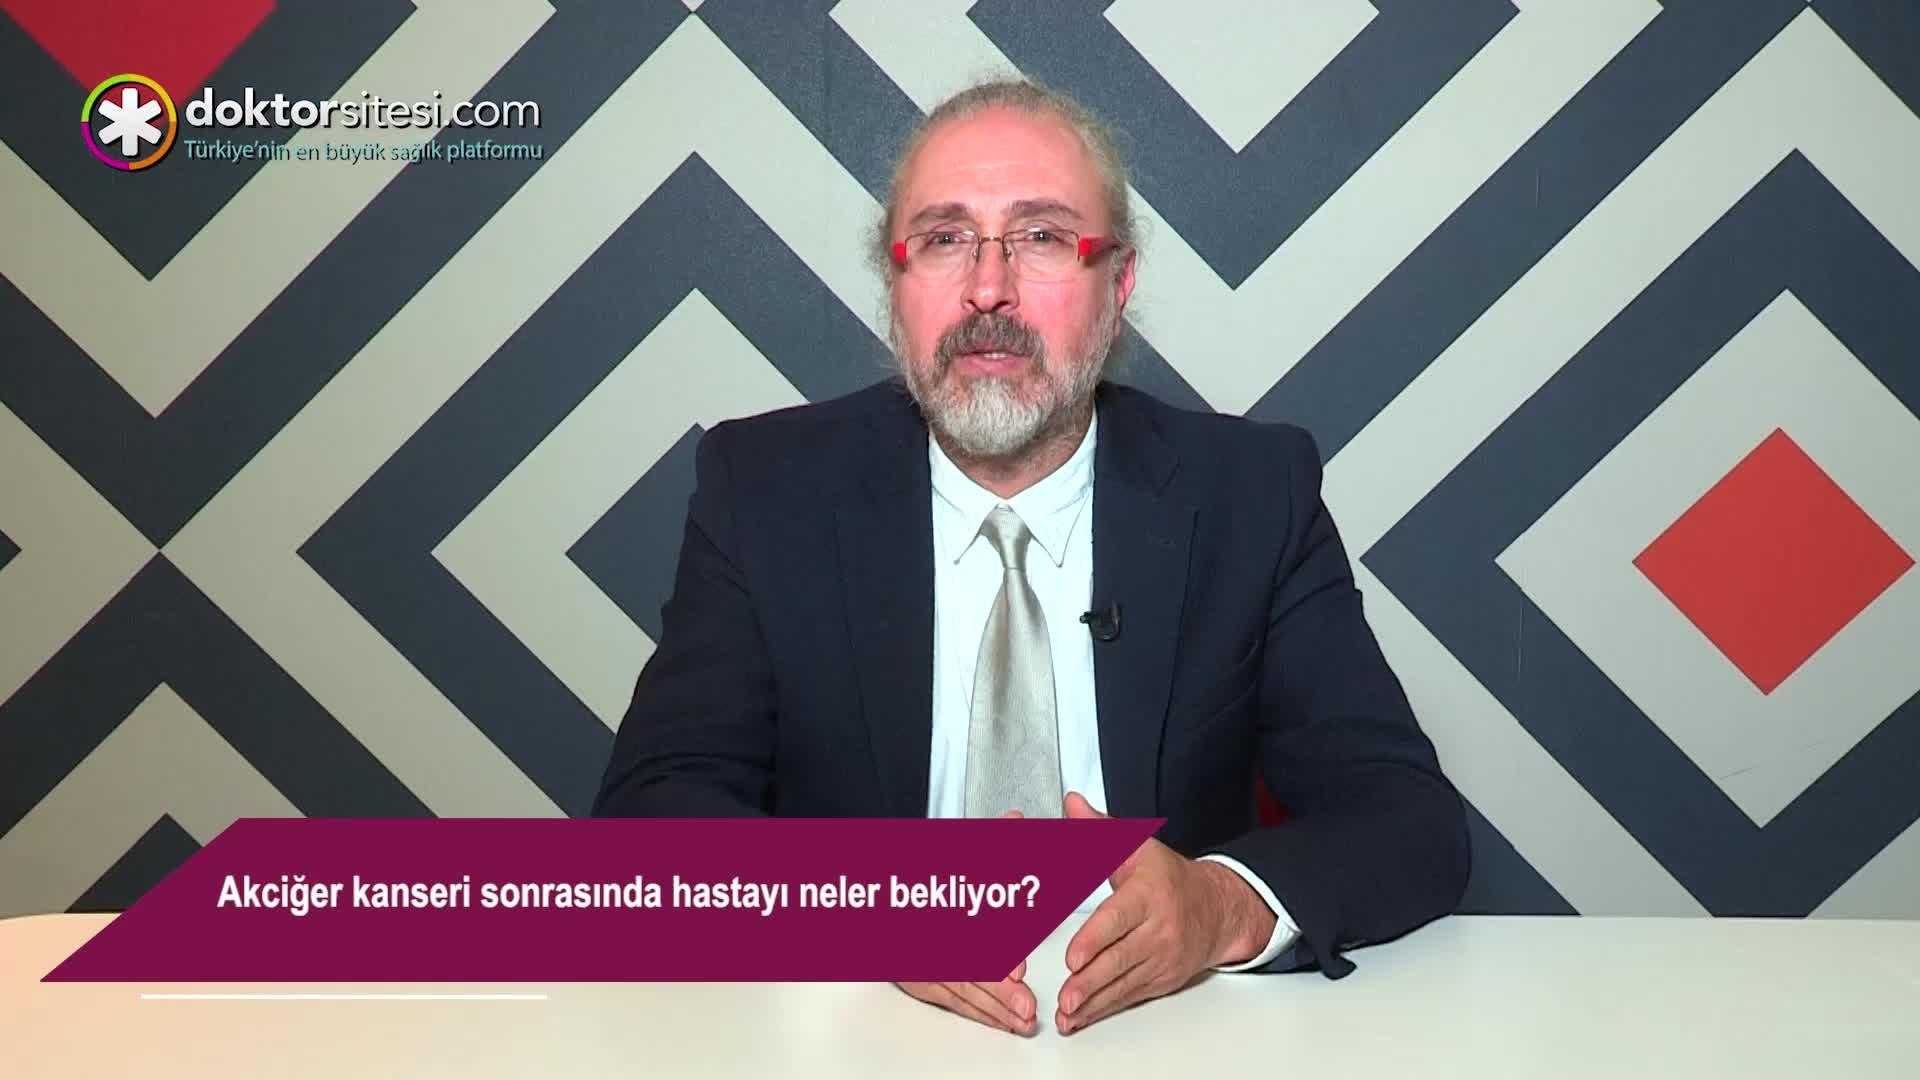 """Akciğer kanseri sonrasında hastayı neler bekliyor? """"Prof. Dr. Gökhan  HACIIBRAHIMOĞLU"""""""